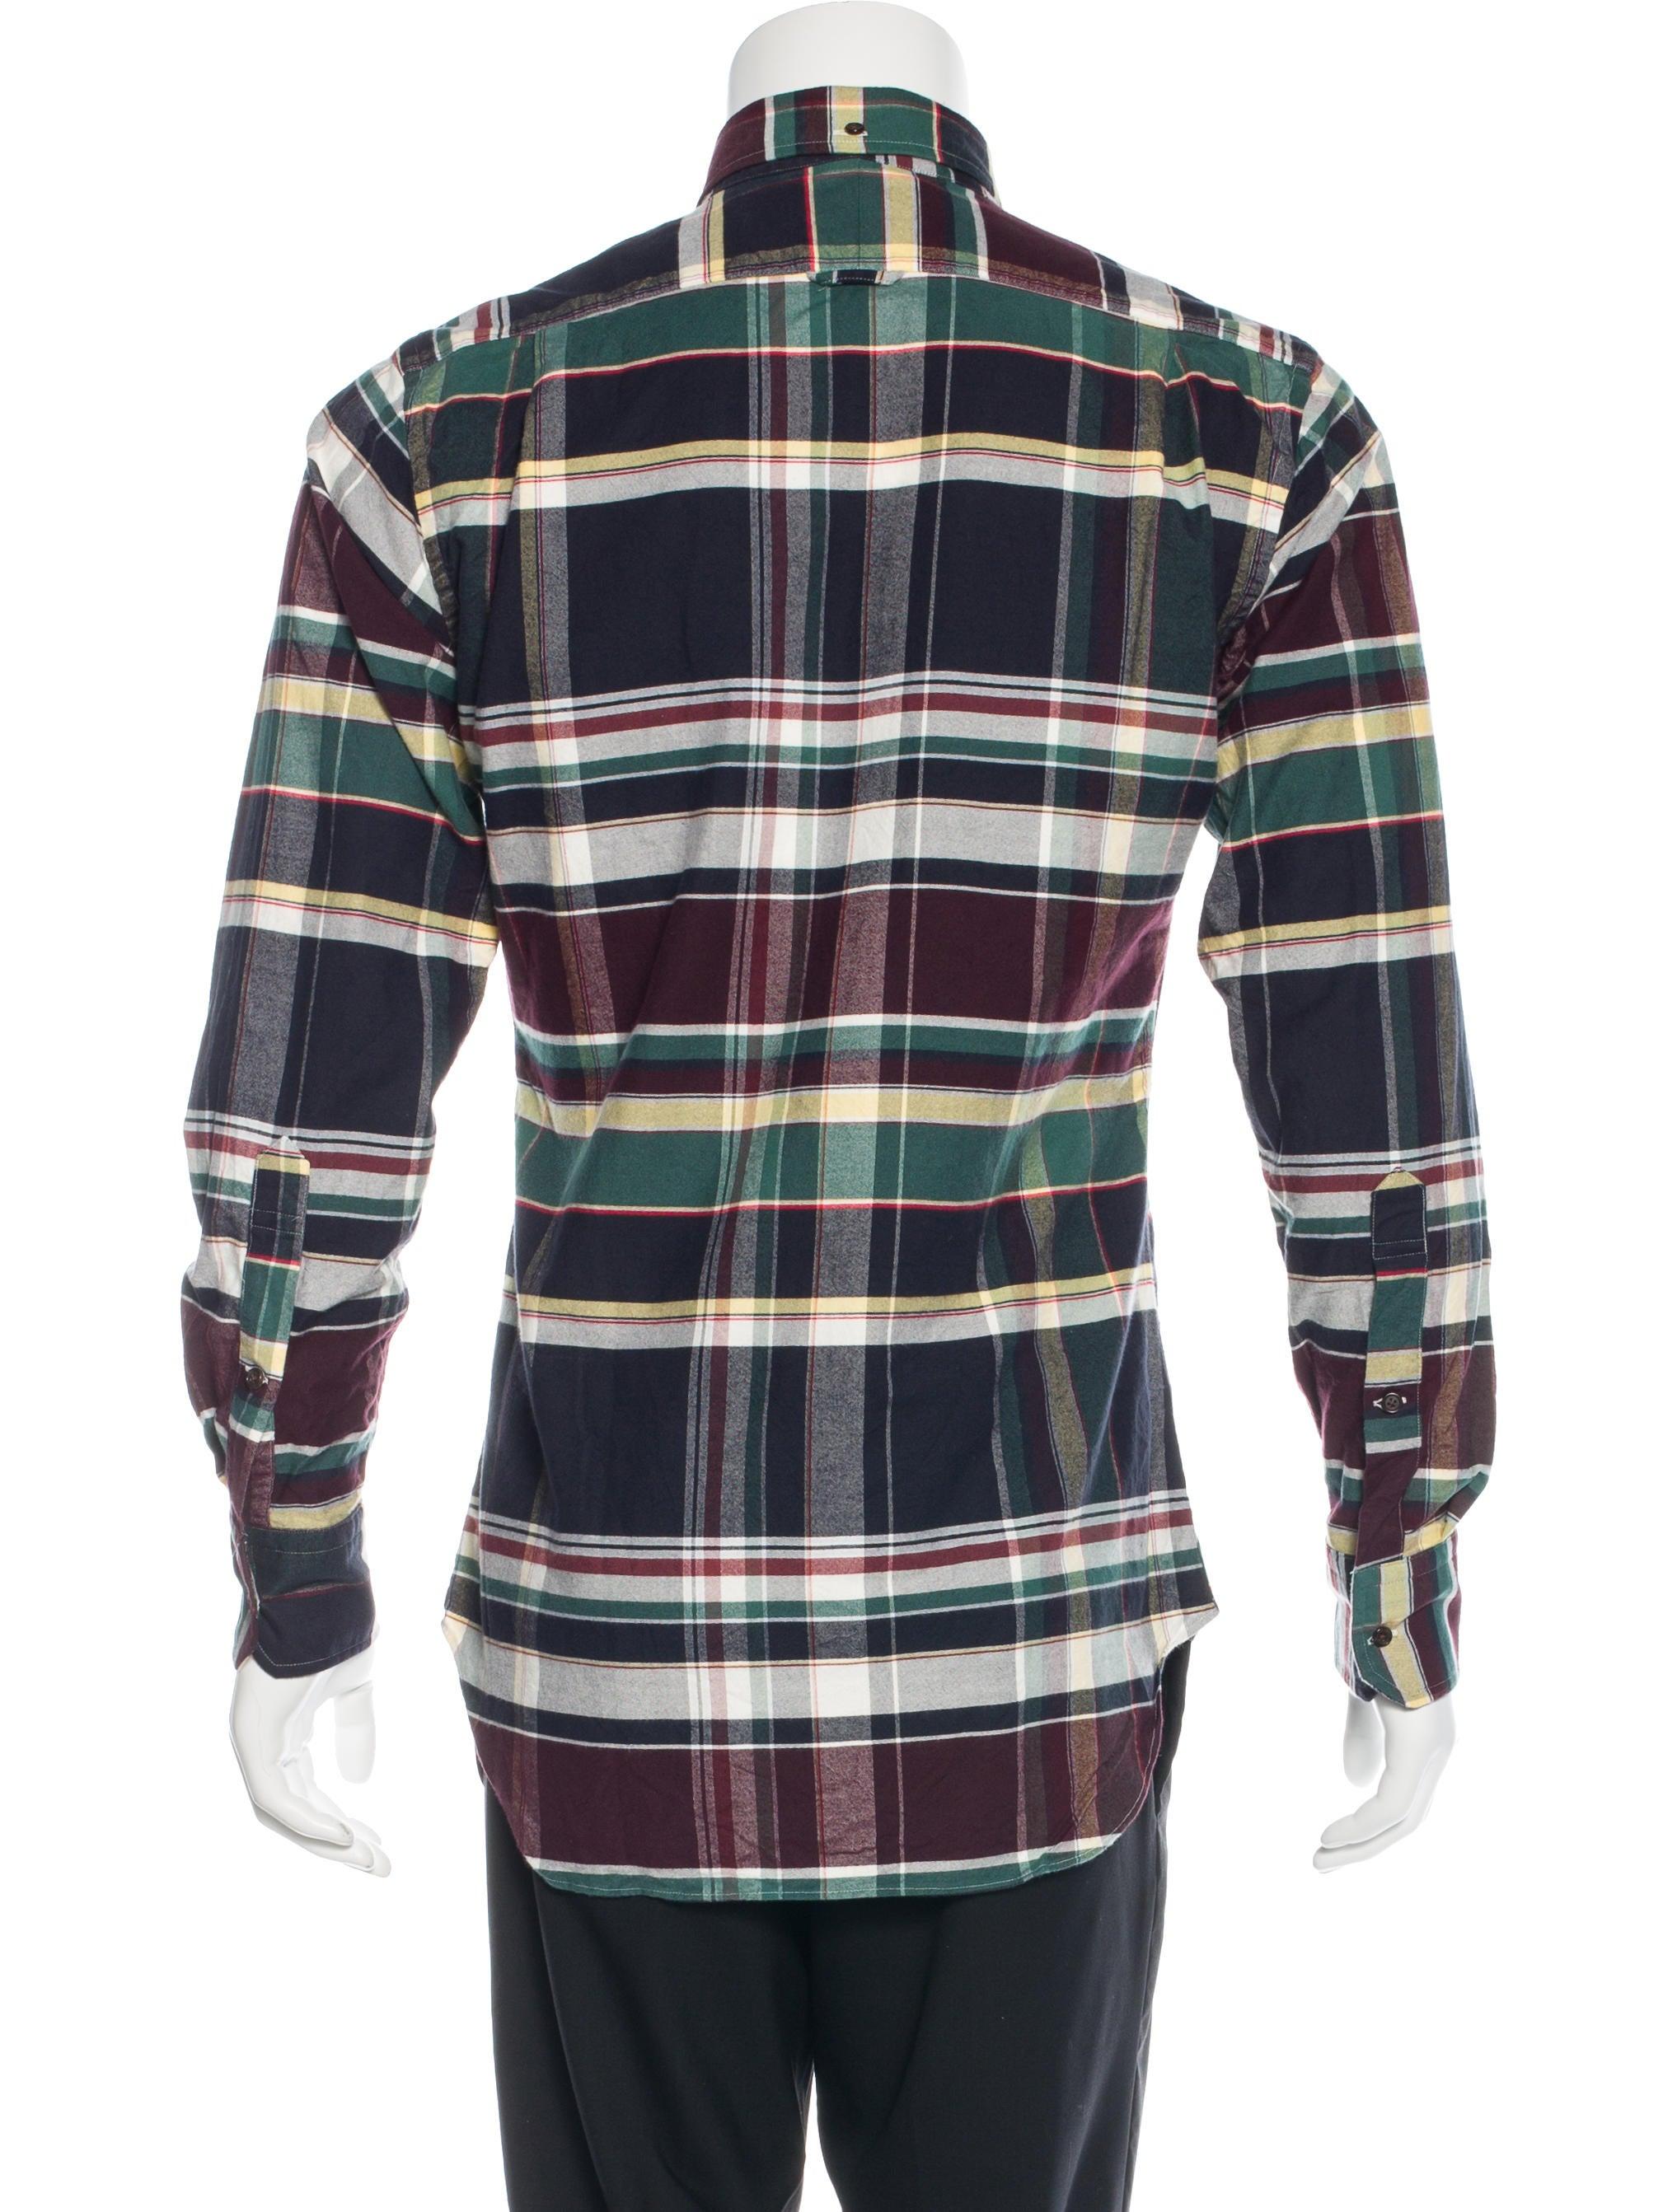 Thom browne madras plaid woven shirt clothing tho21144 for Mens madras shirt sale